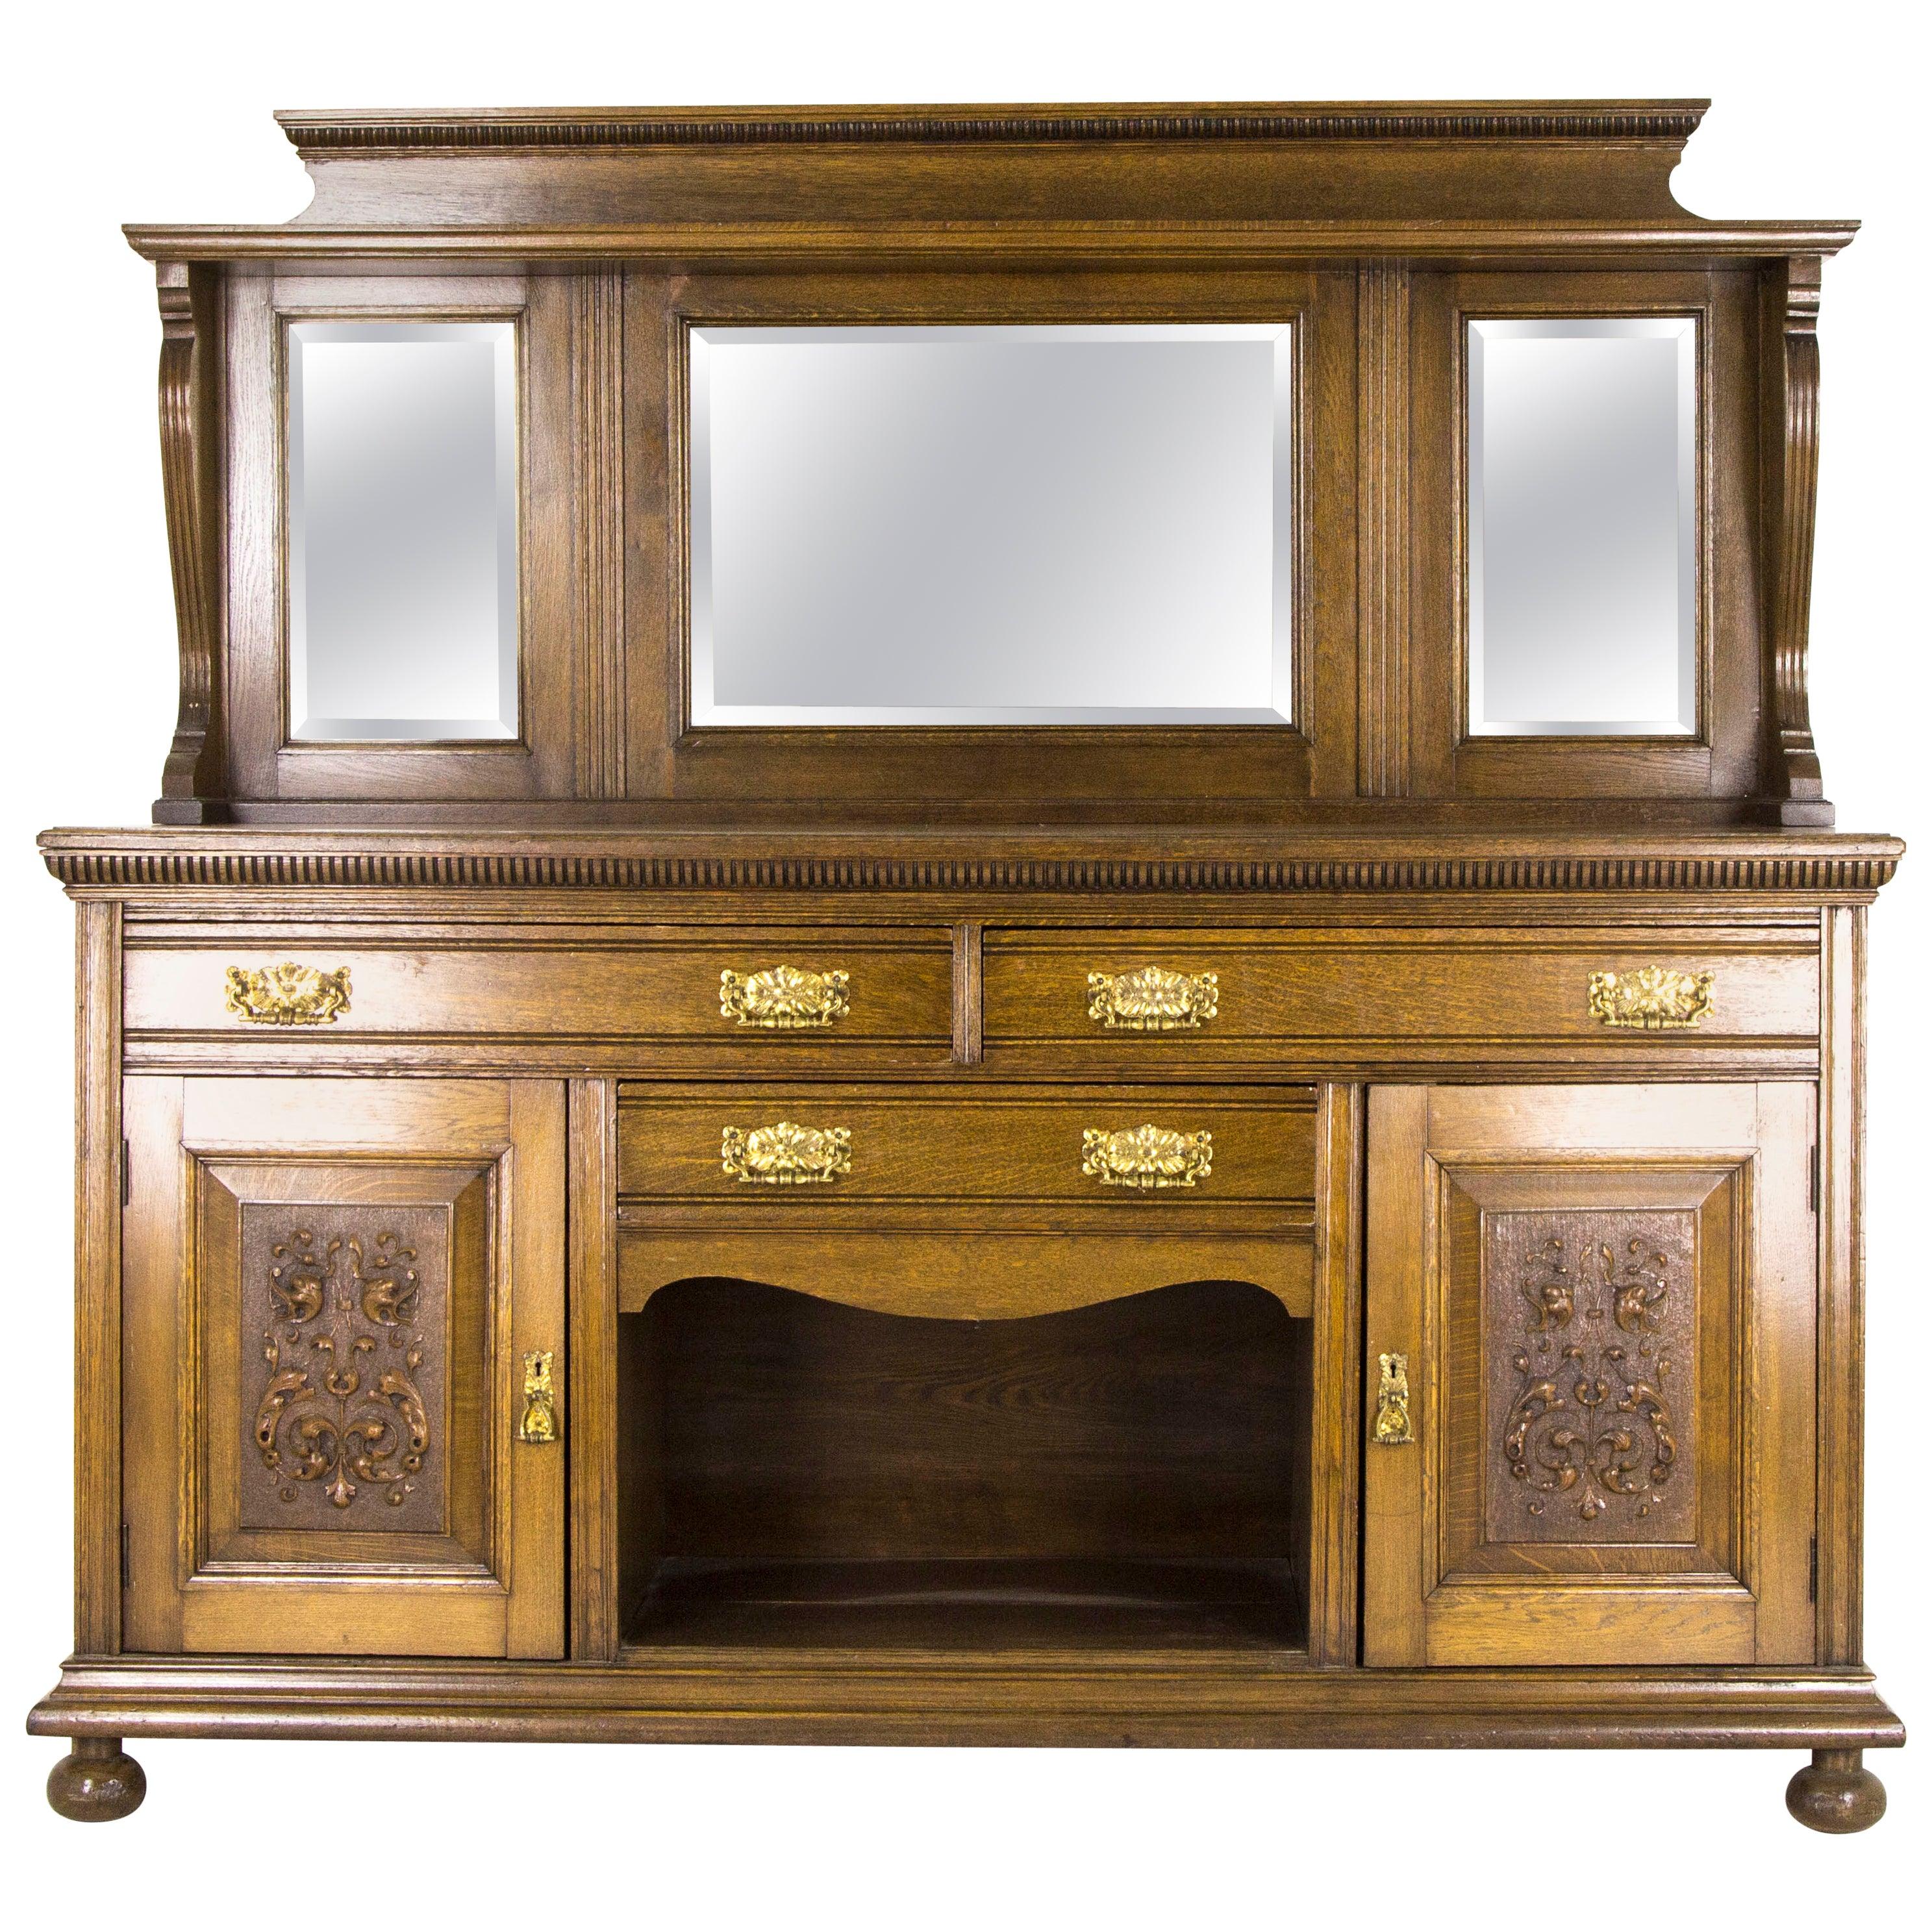 Antique Oak Sideboard Victorian Oak Buffet Mirror Back Sideboard 1890 B795 At 1stdibs